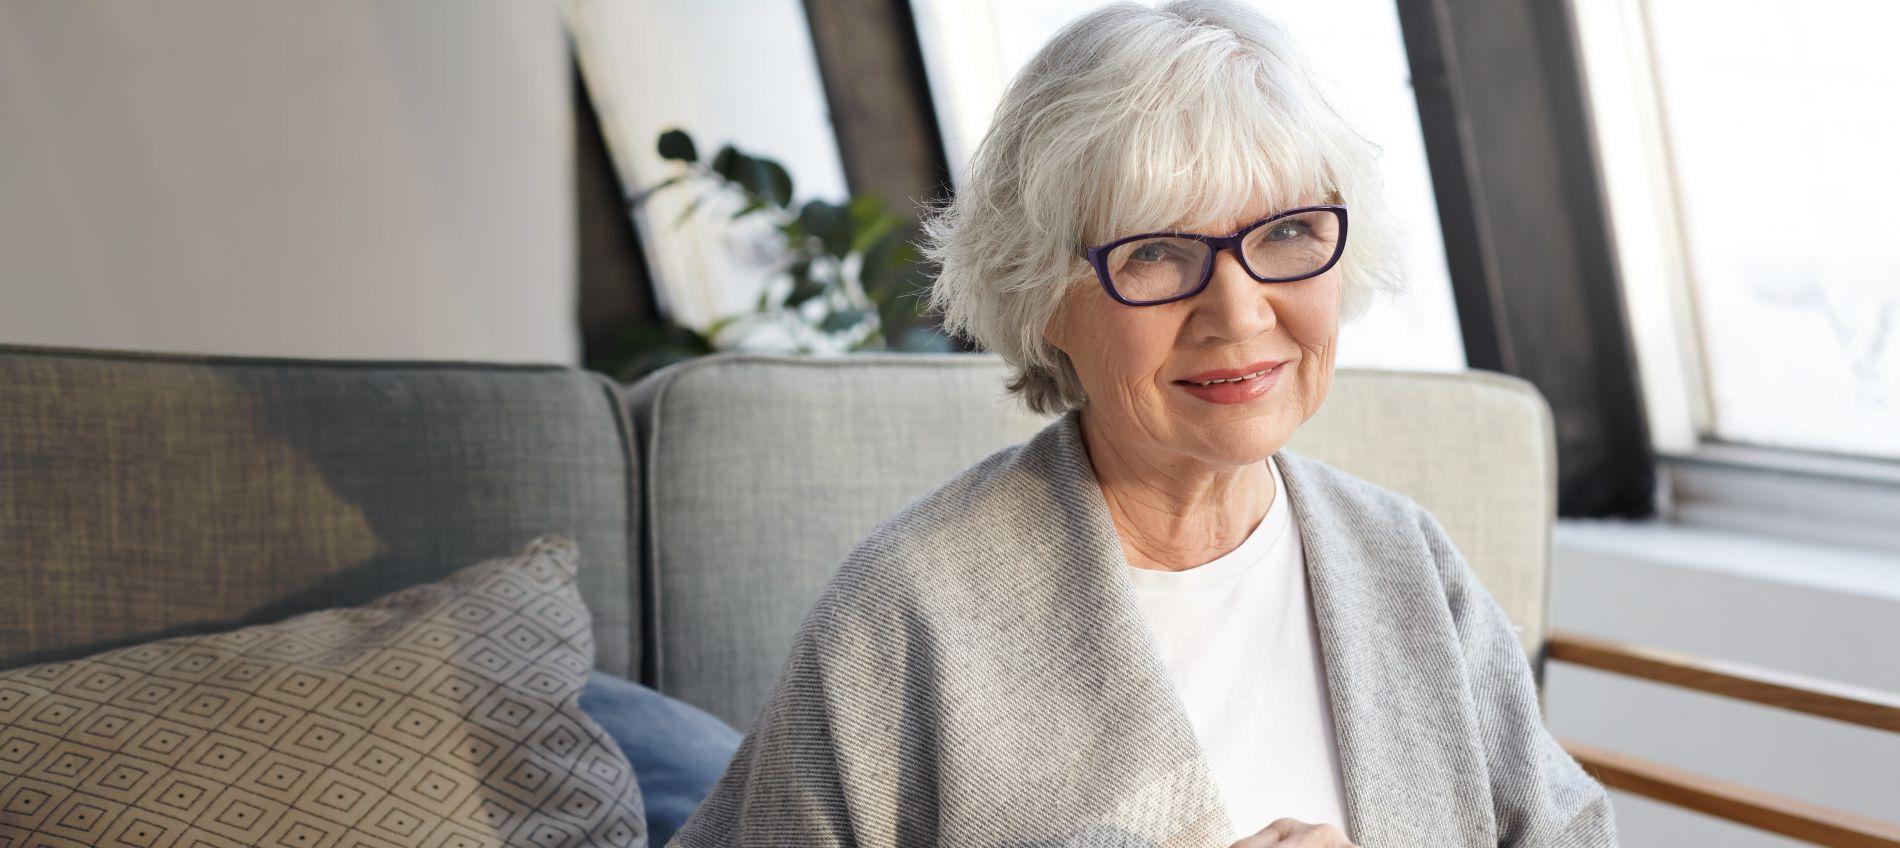 Кредит под залог без справок пенсионерам на недвижимость